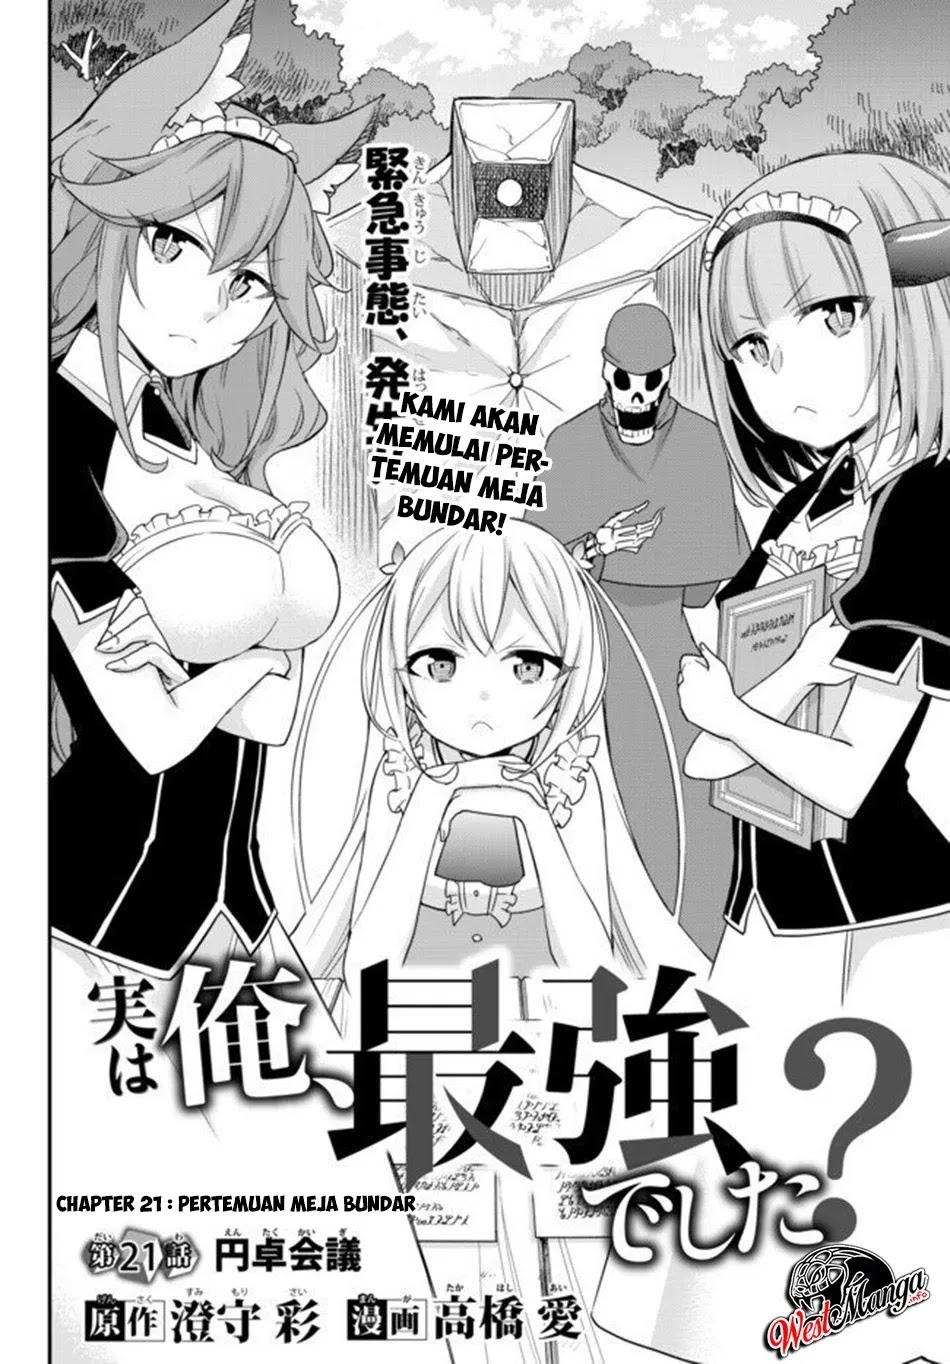 Jitsu wa Ore, Saikyou deshita? Chapter 21